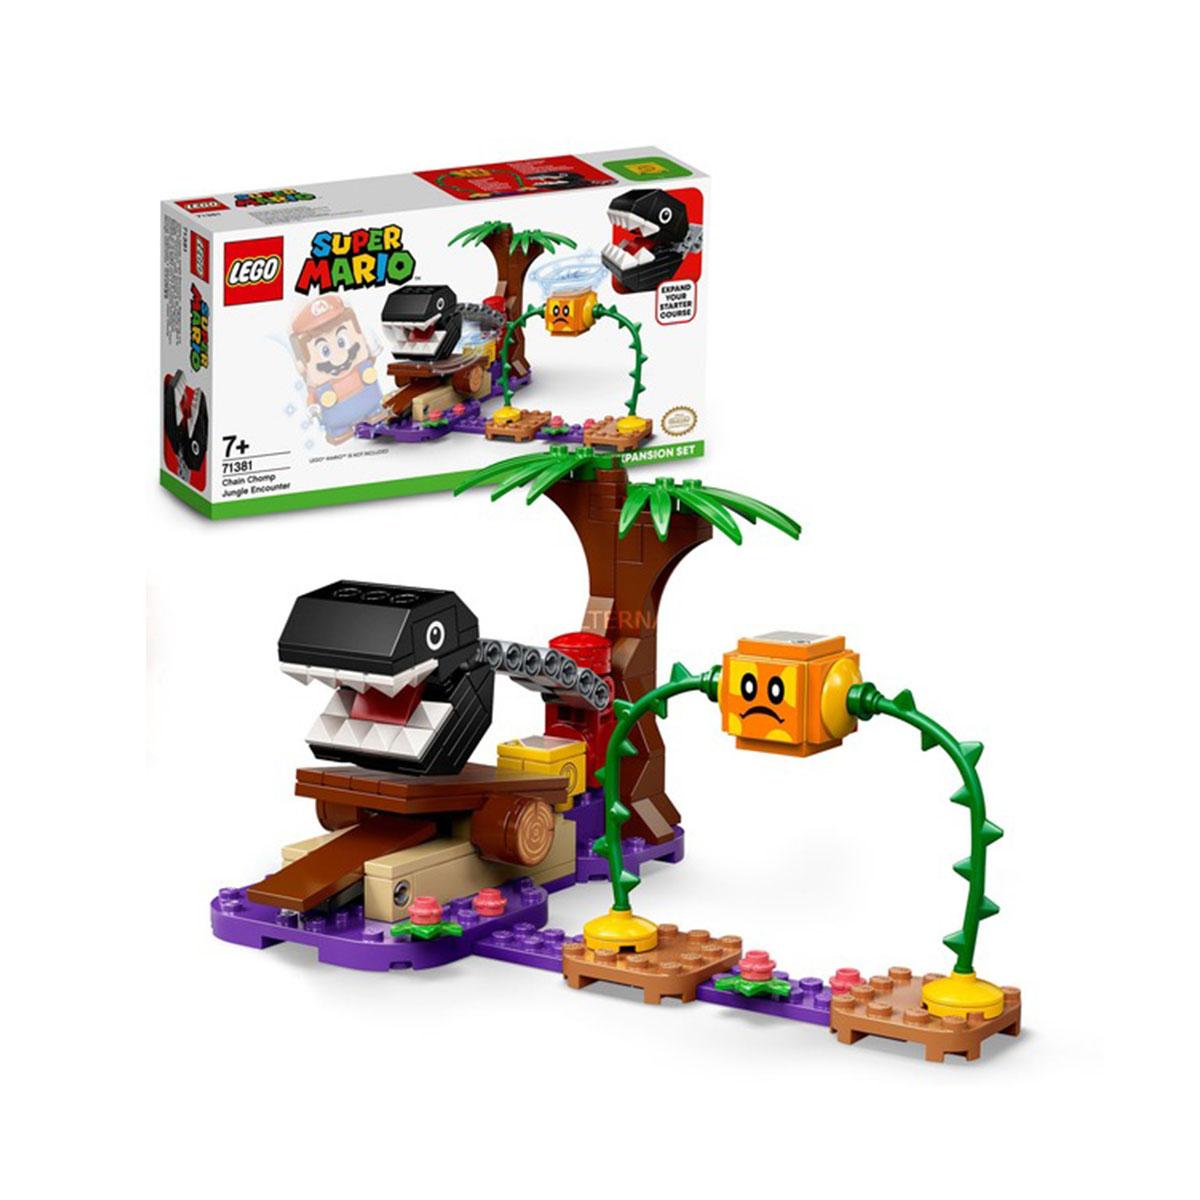 ლეგოს კუბიკები Chain Chomp Jungle Encounter Expansion Set LEGO 188037